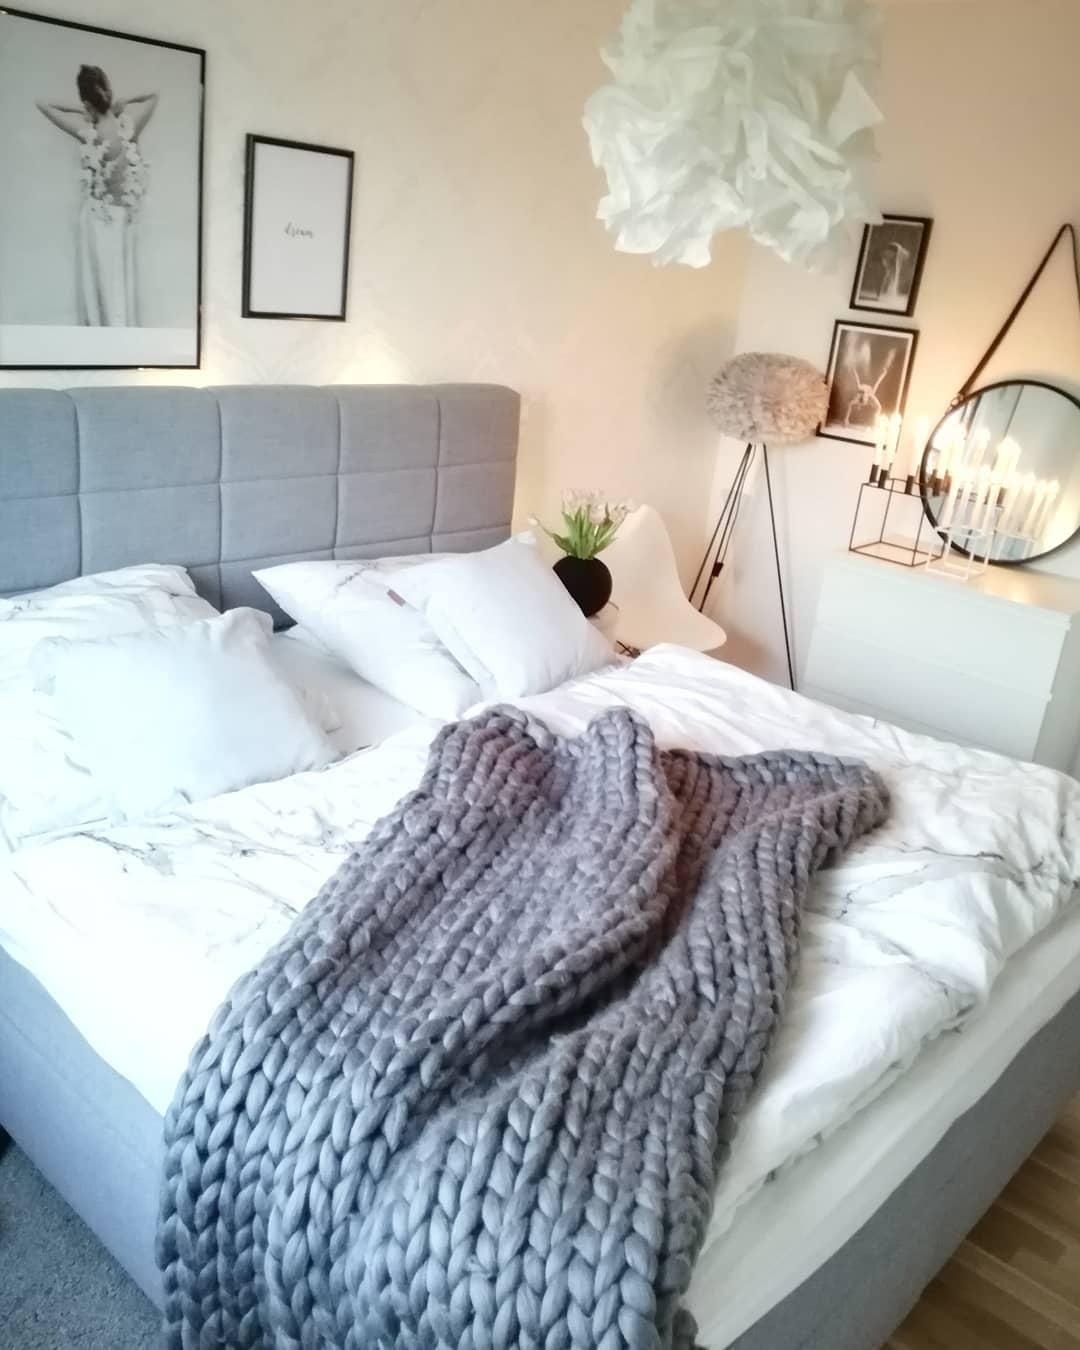 wandspiegel liz schlafzimmer tr ume schlafzimmer ideen schlafzimmer bilder schlafzimmer. Black Bedroom Furniture Sets. Home Design Ideas